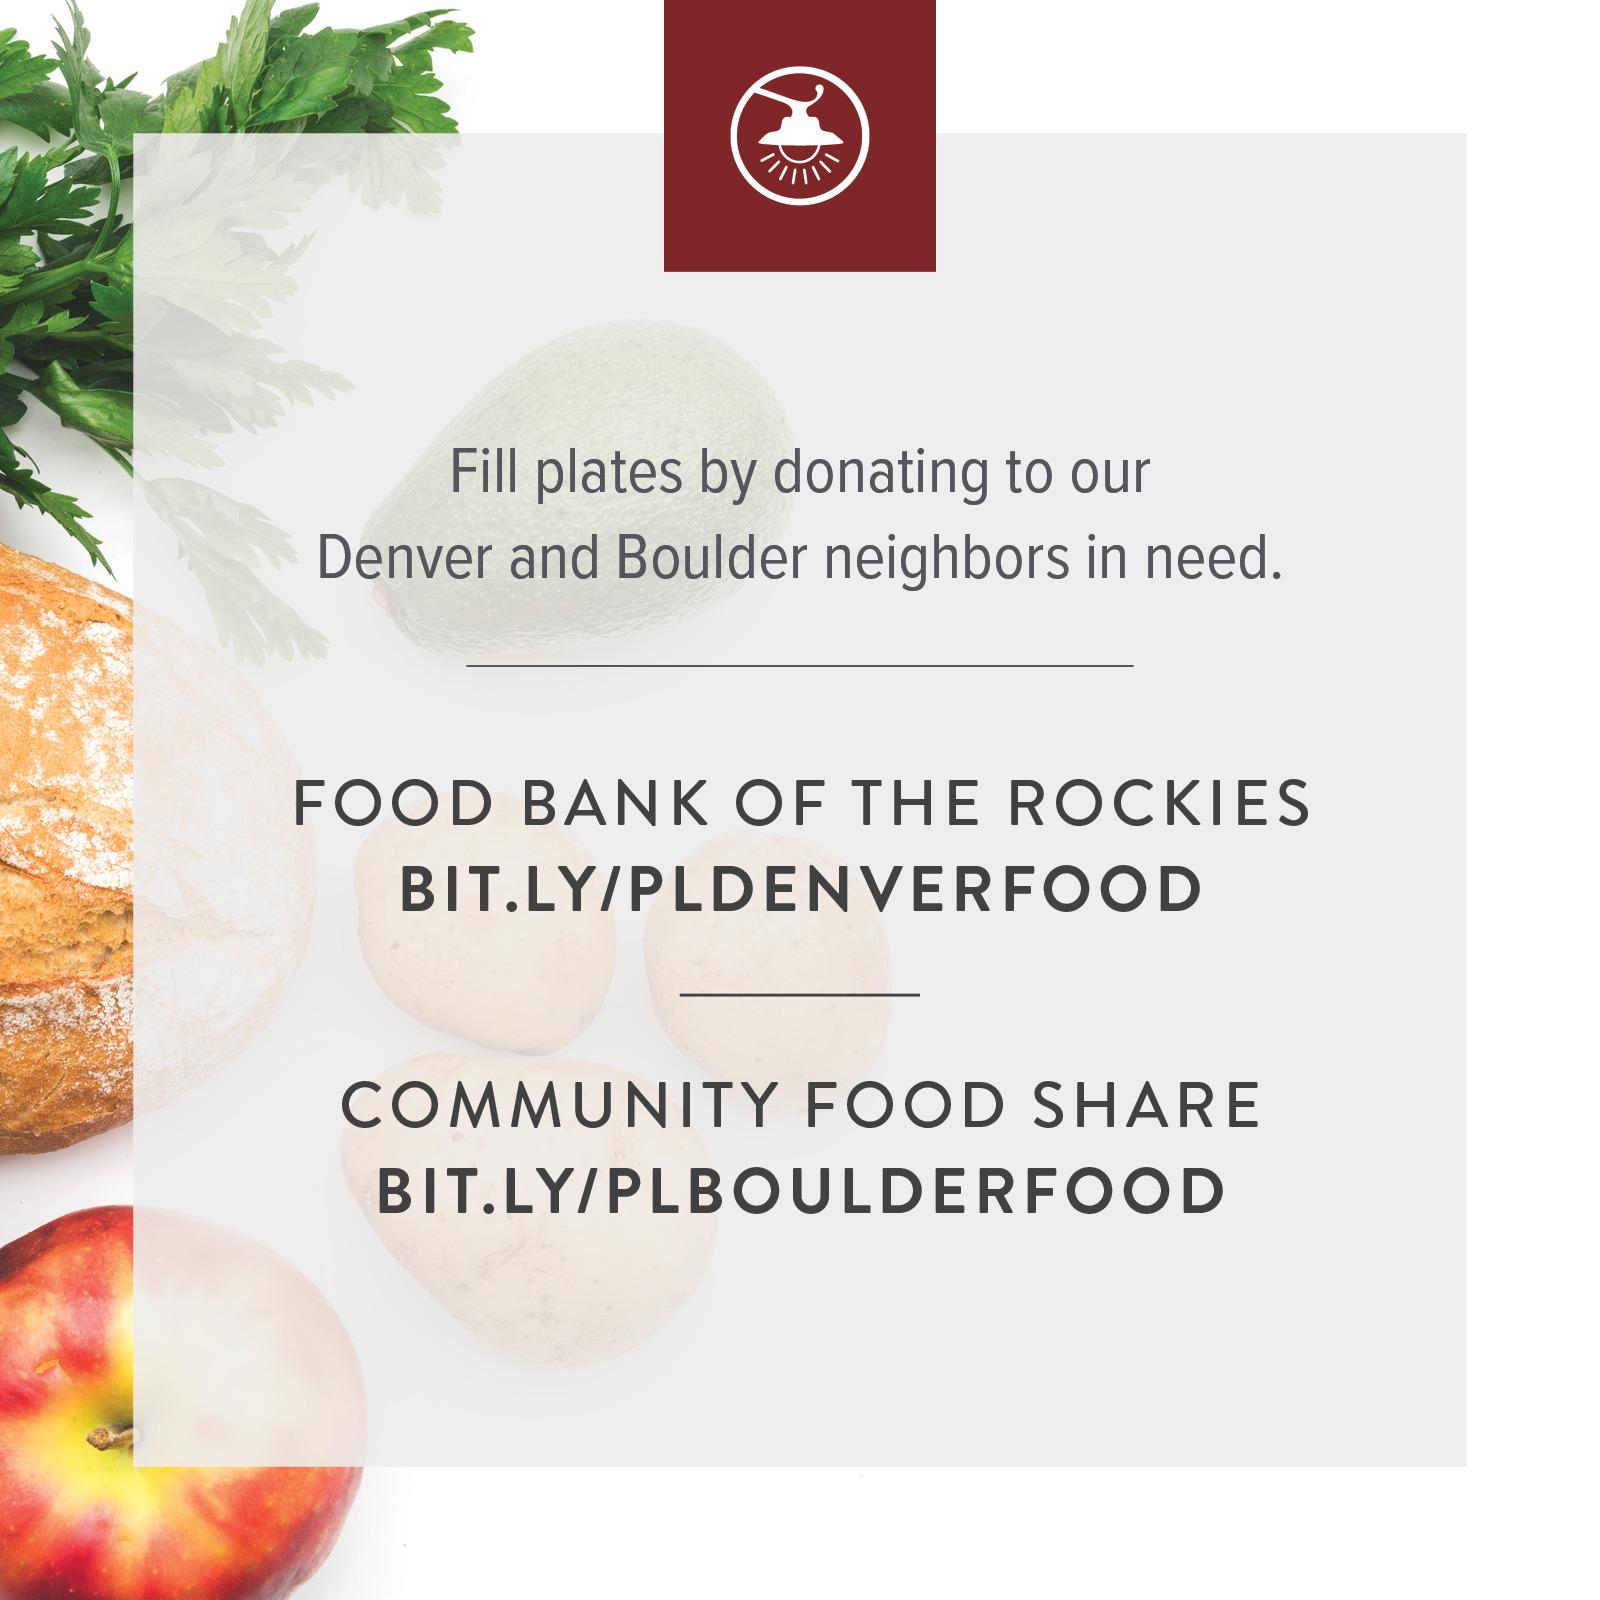 FoodDrive_SOCIAL_DENVER-BOULDER